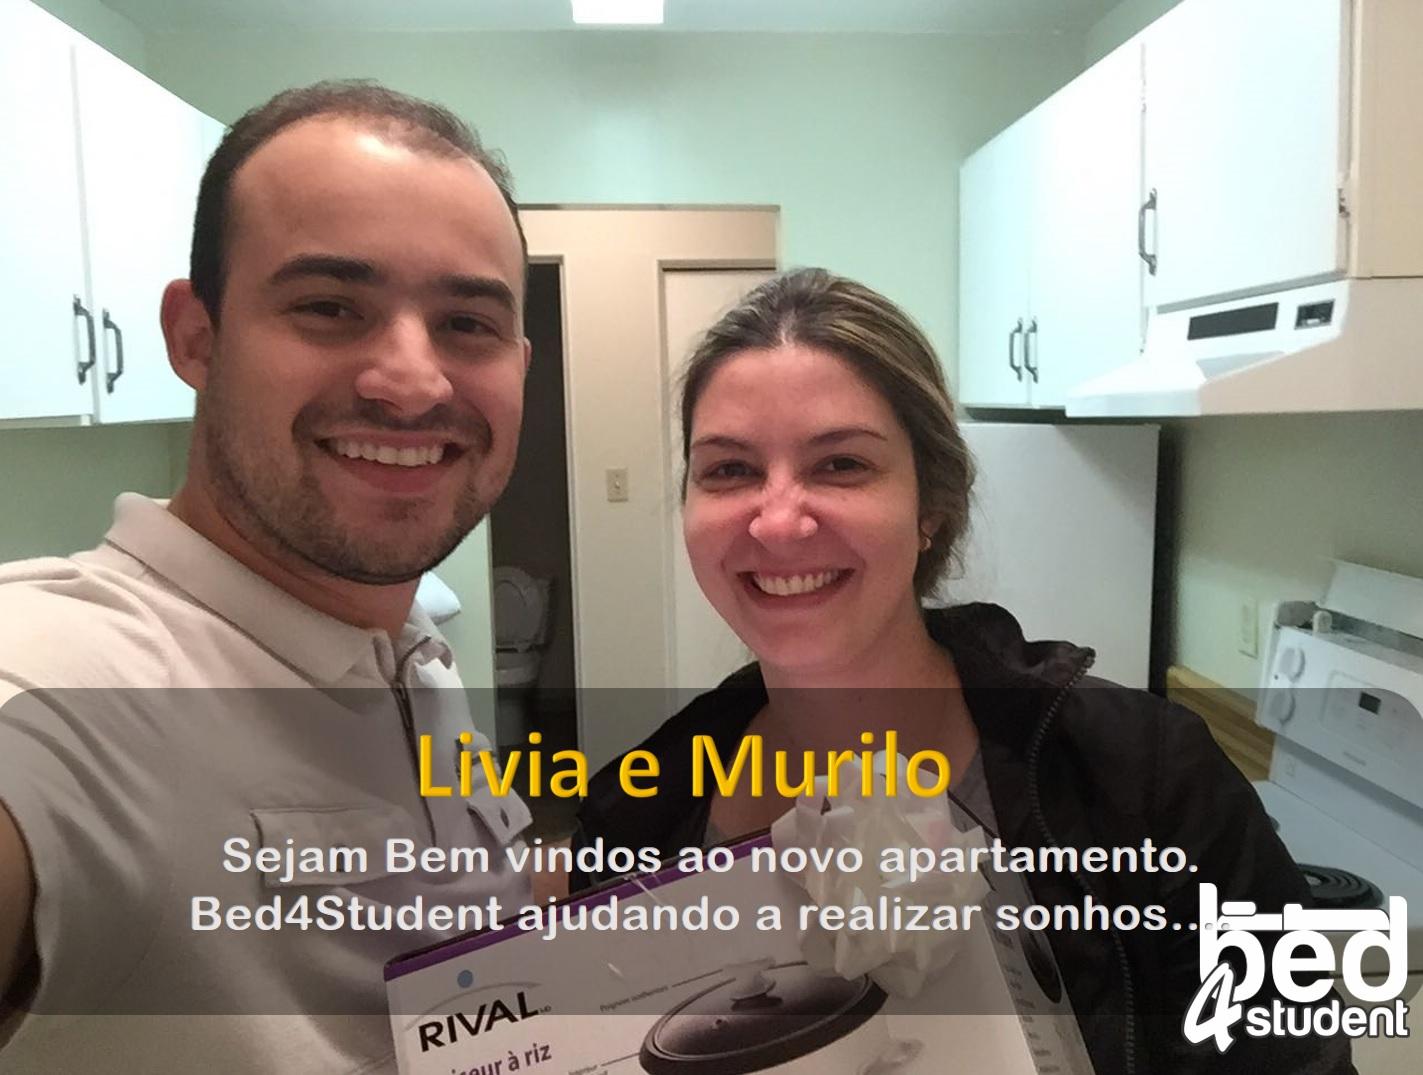 Livia e Murilo